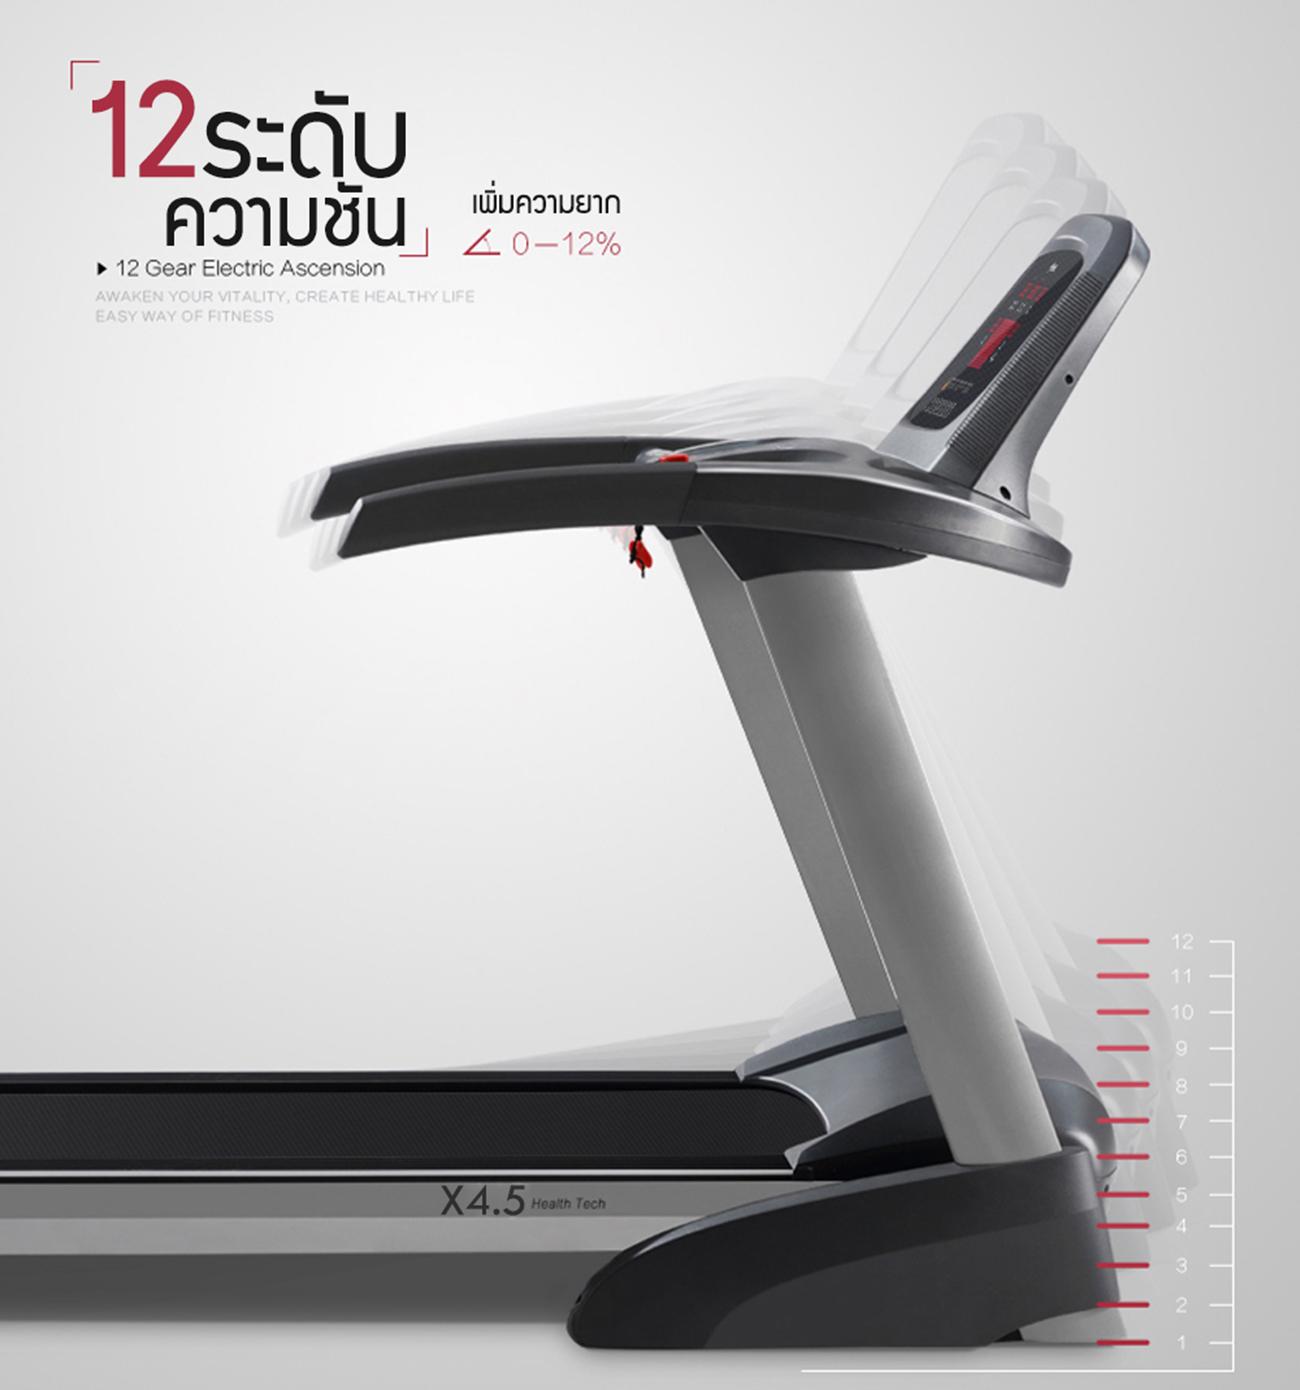 ลู่วิ่งไฟฟ้า X4.5 Motorized Treadmill - 4.0 HP motor